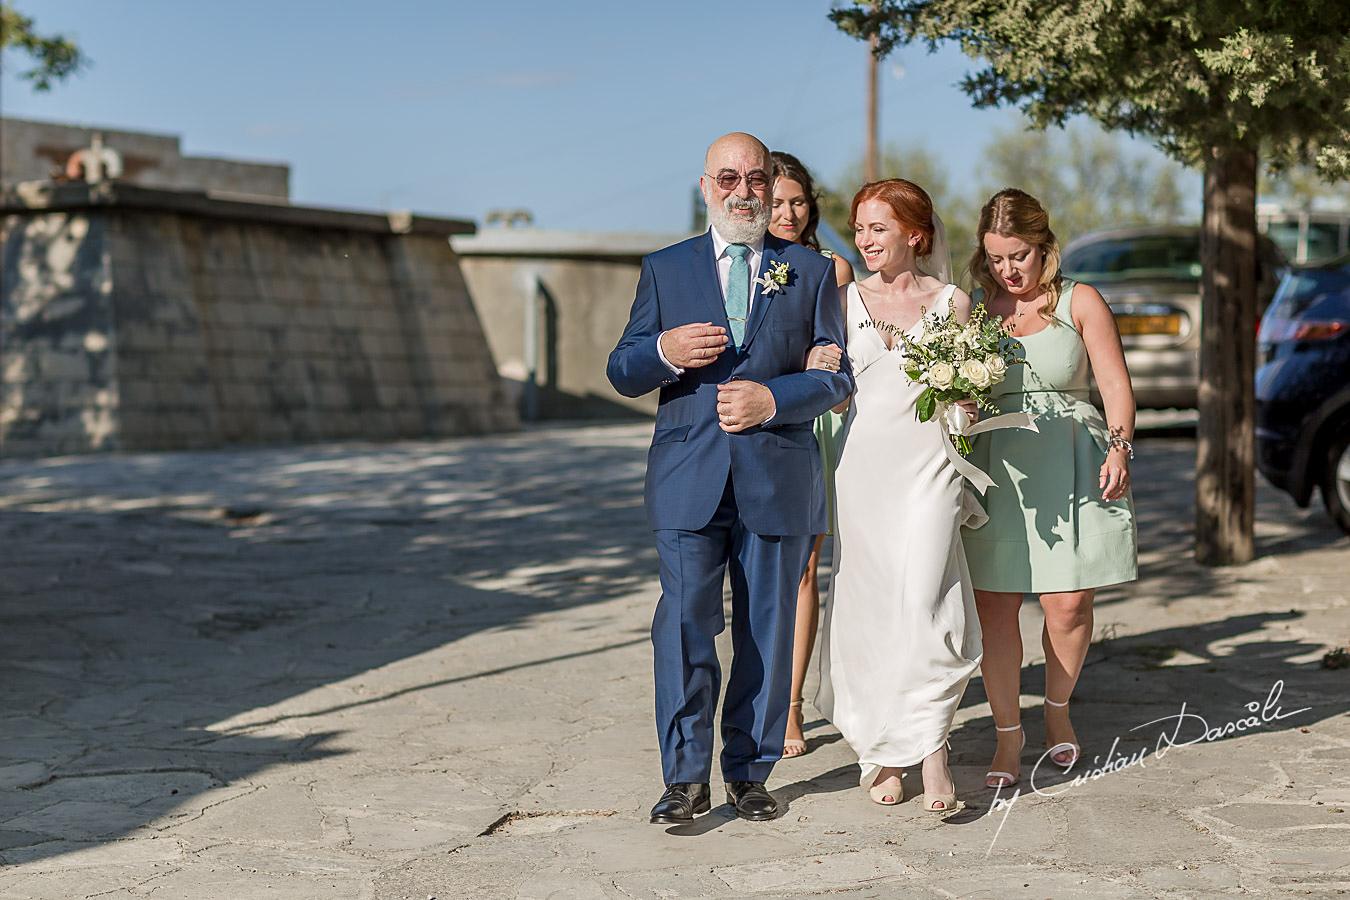 Wedding Celebration at Apokryfo - 31